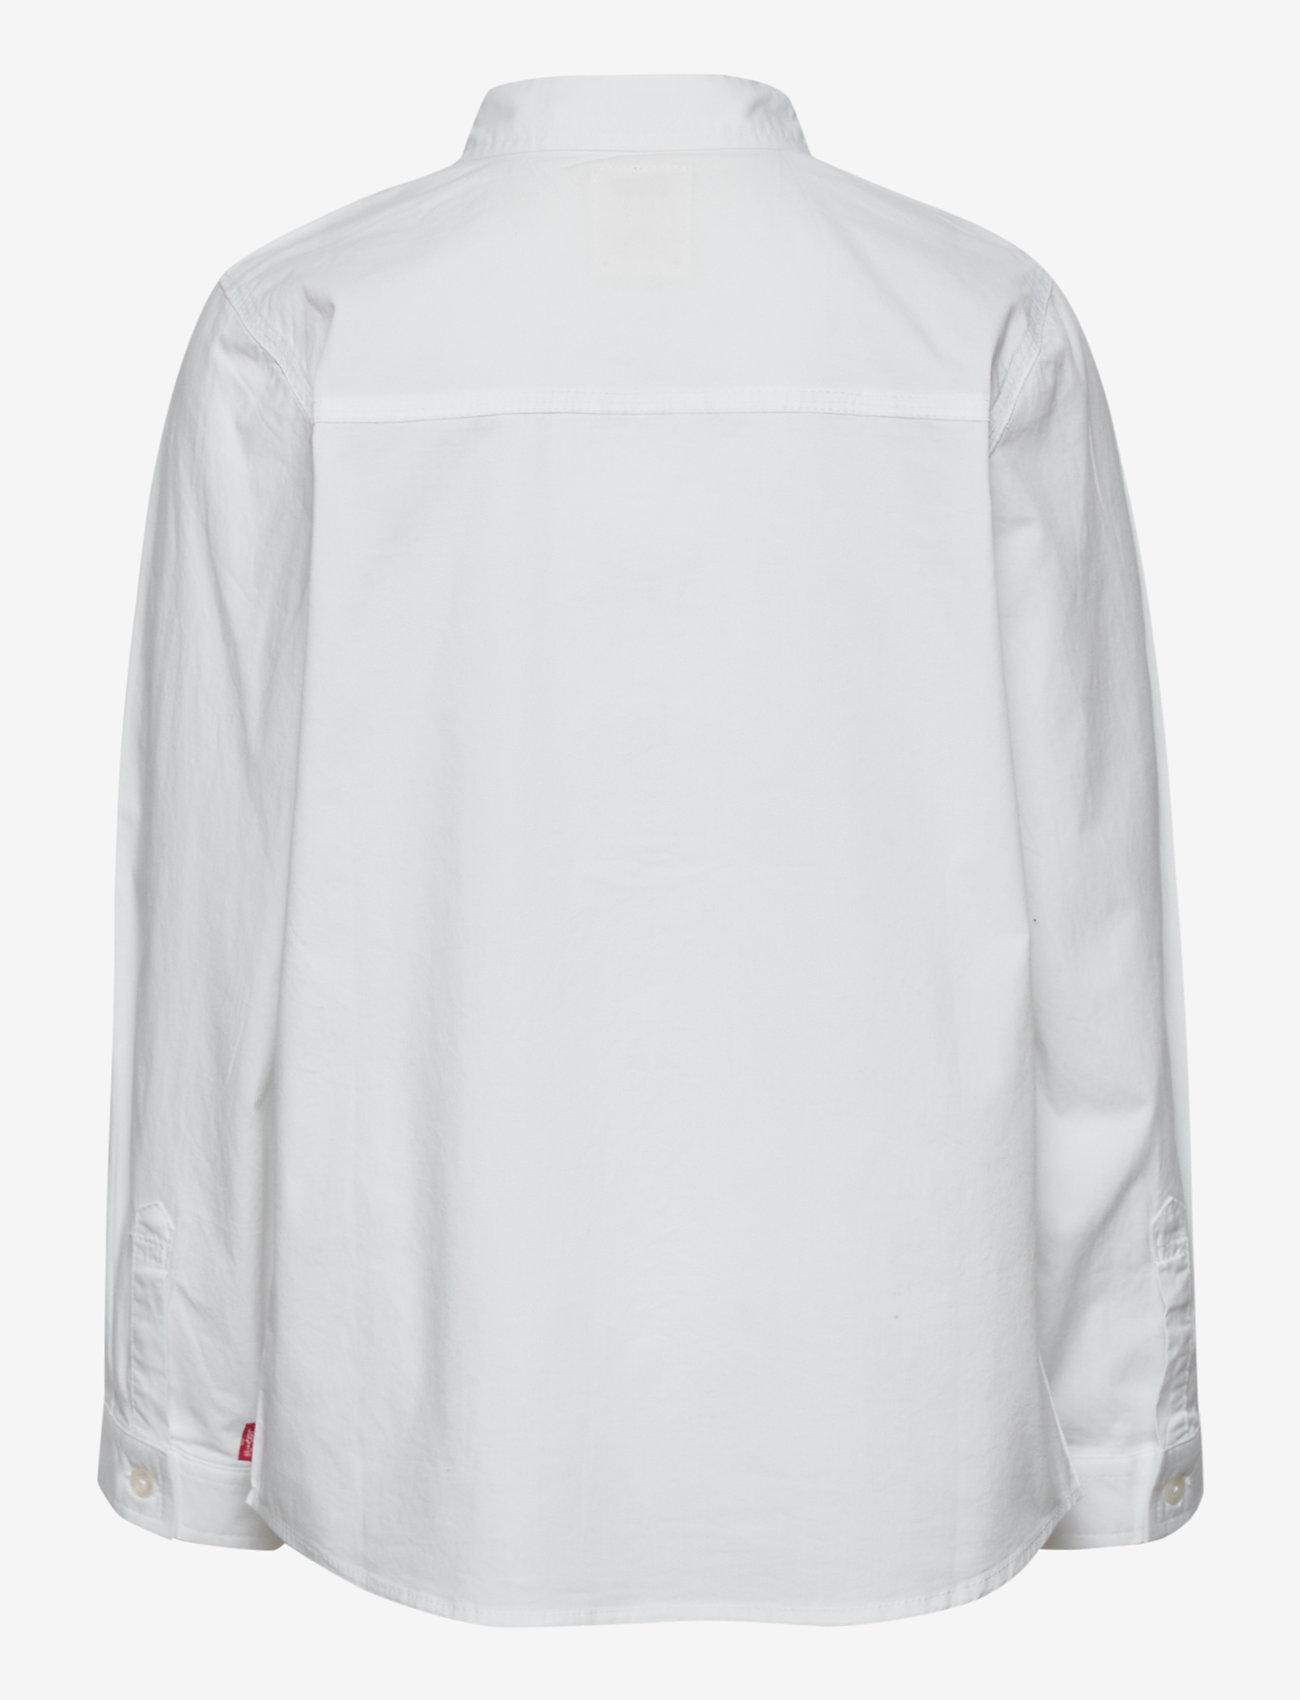 Levi's - LVB LS WOVEN BUTTON UP SHIRT - overhemden - white - 1